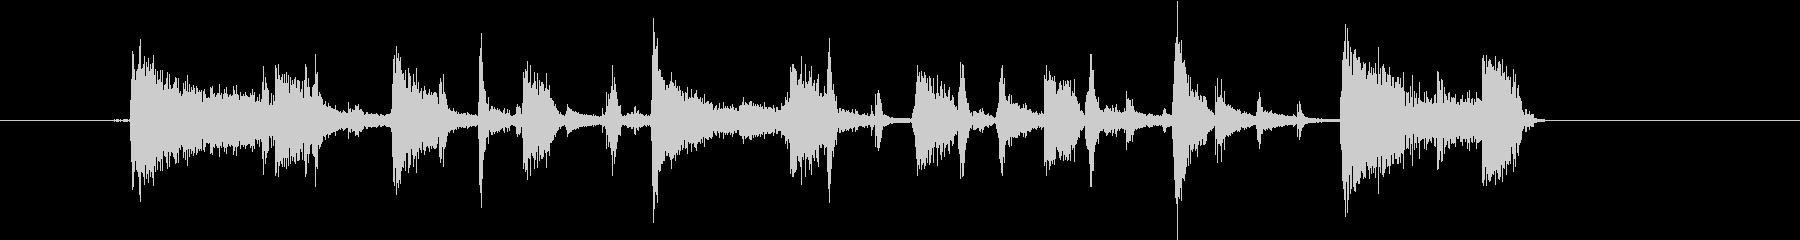 バウンドサウンドのファンク調ジングルの未再生の波形